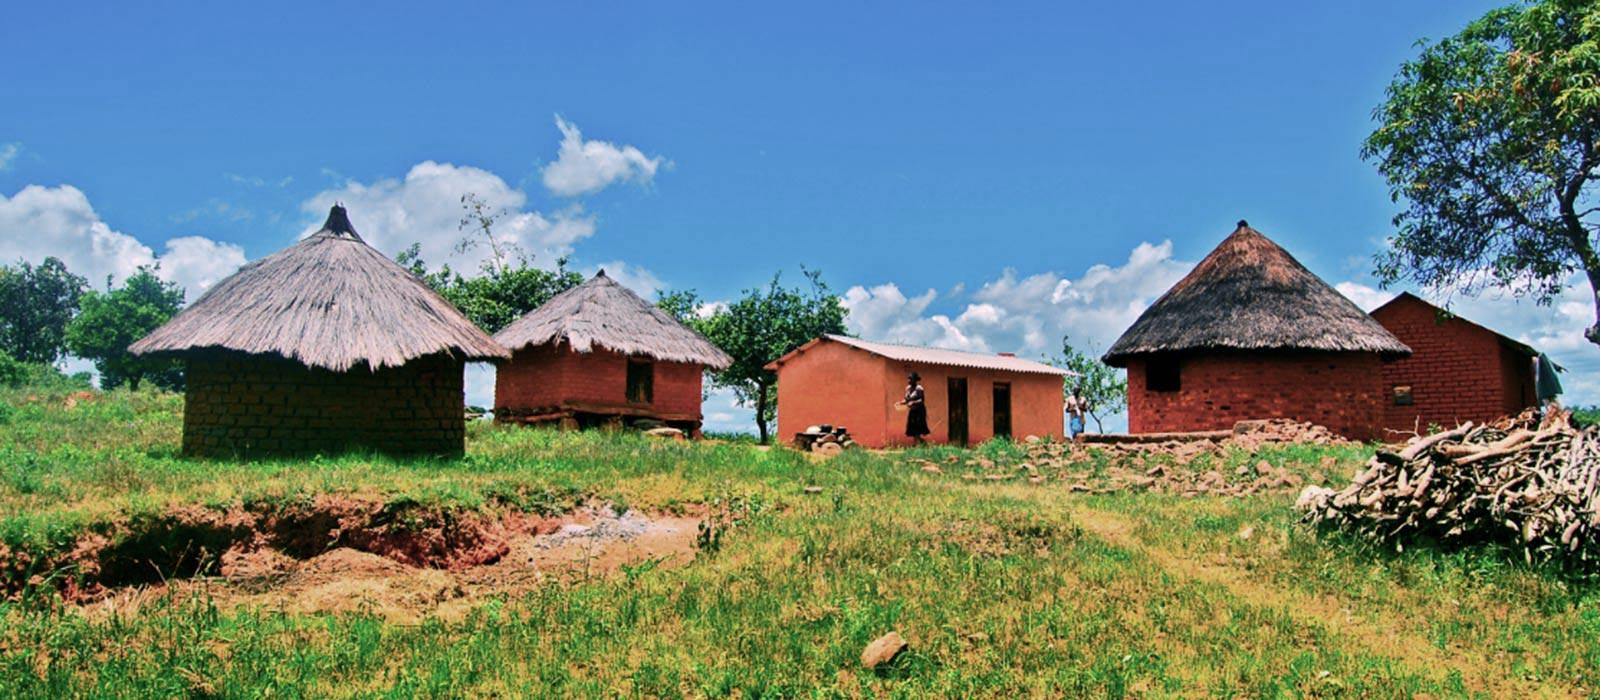 zimbabwe-banner